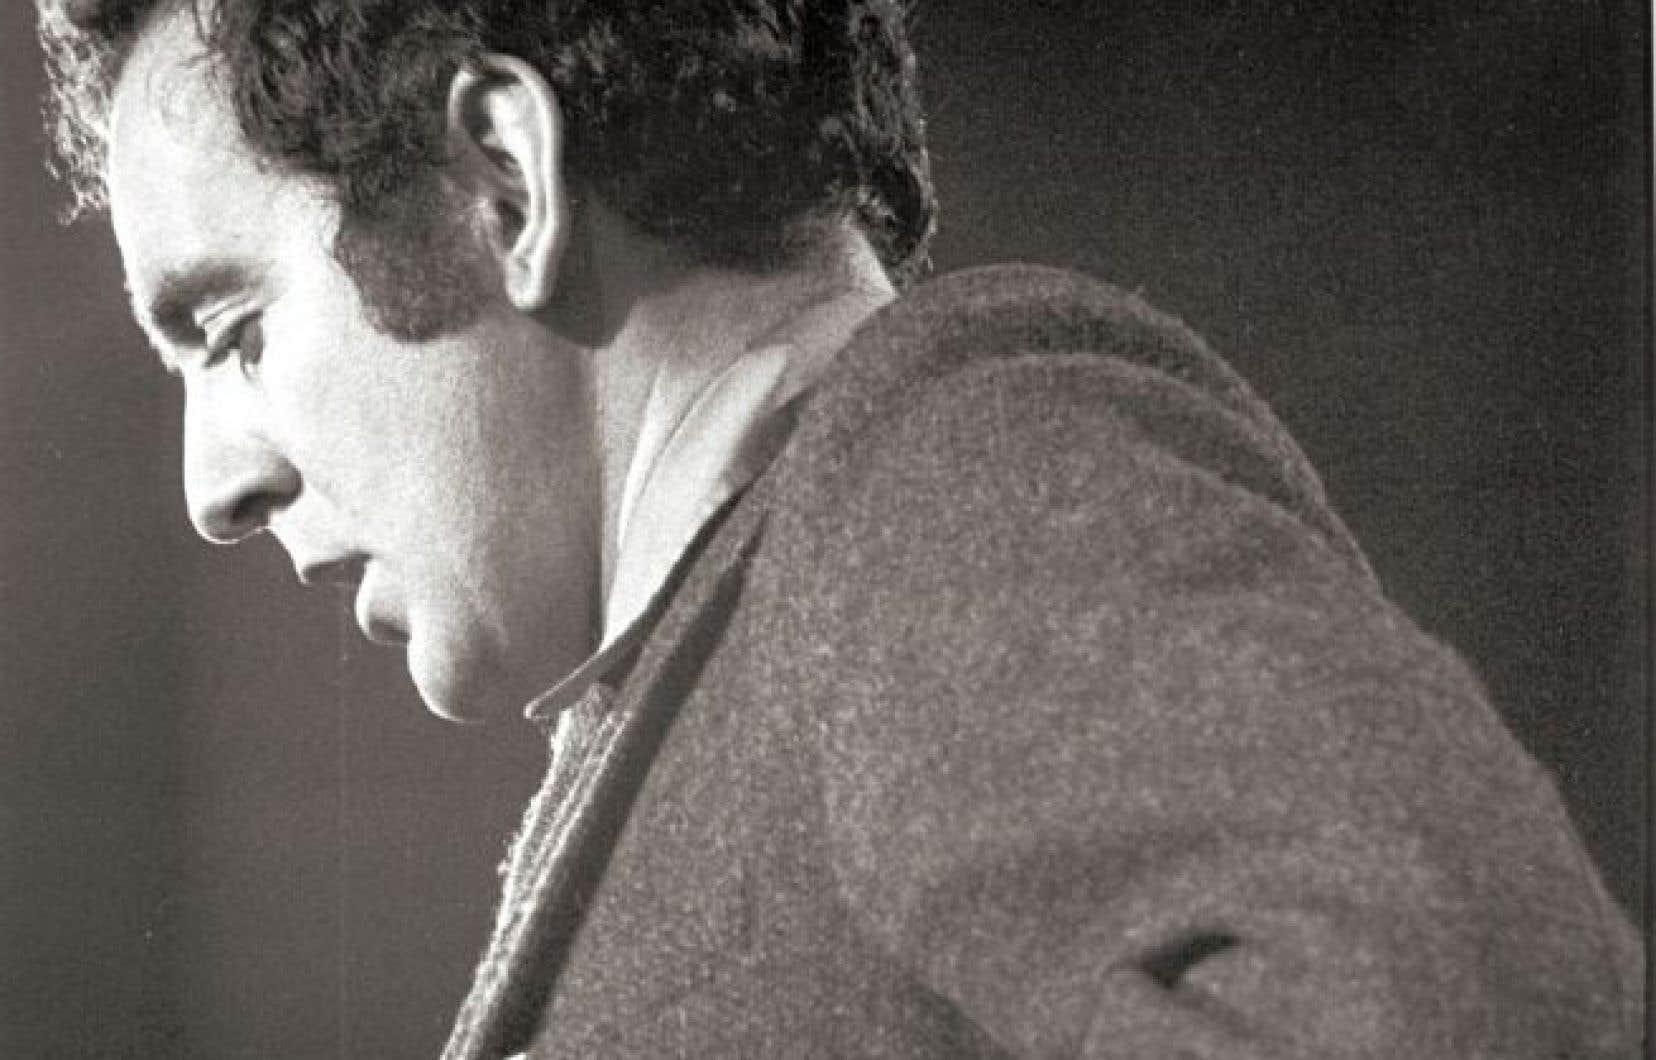 Le poète, écrivain et politicien Gérald Godin voit «Énumération», son poème virulent, être inclus dans le montage soumis à l'ONF.